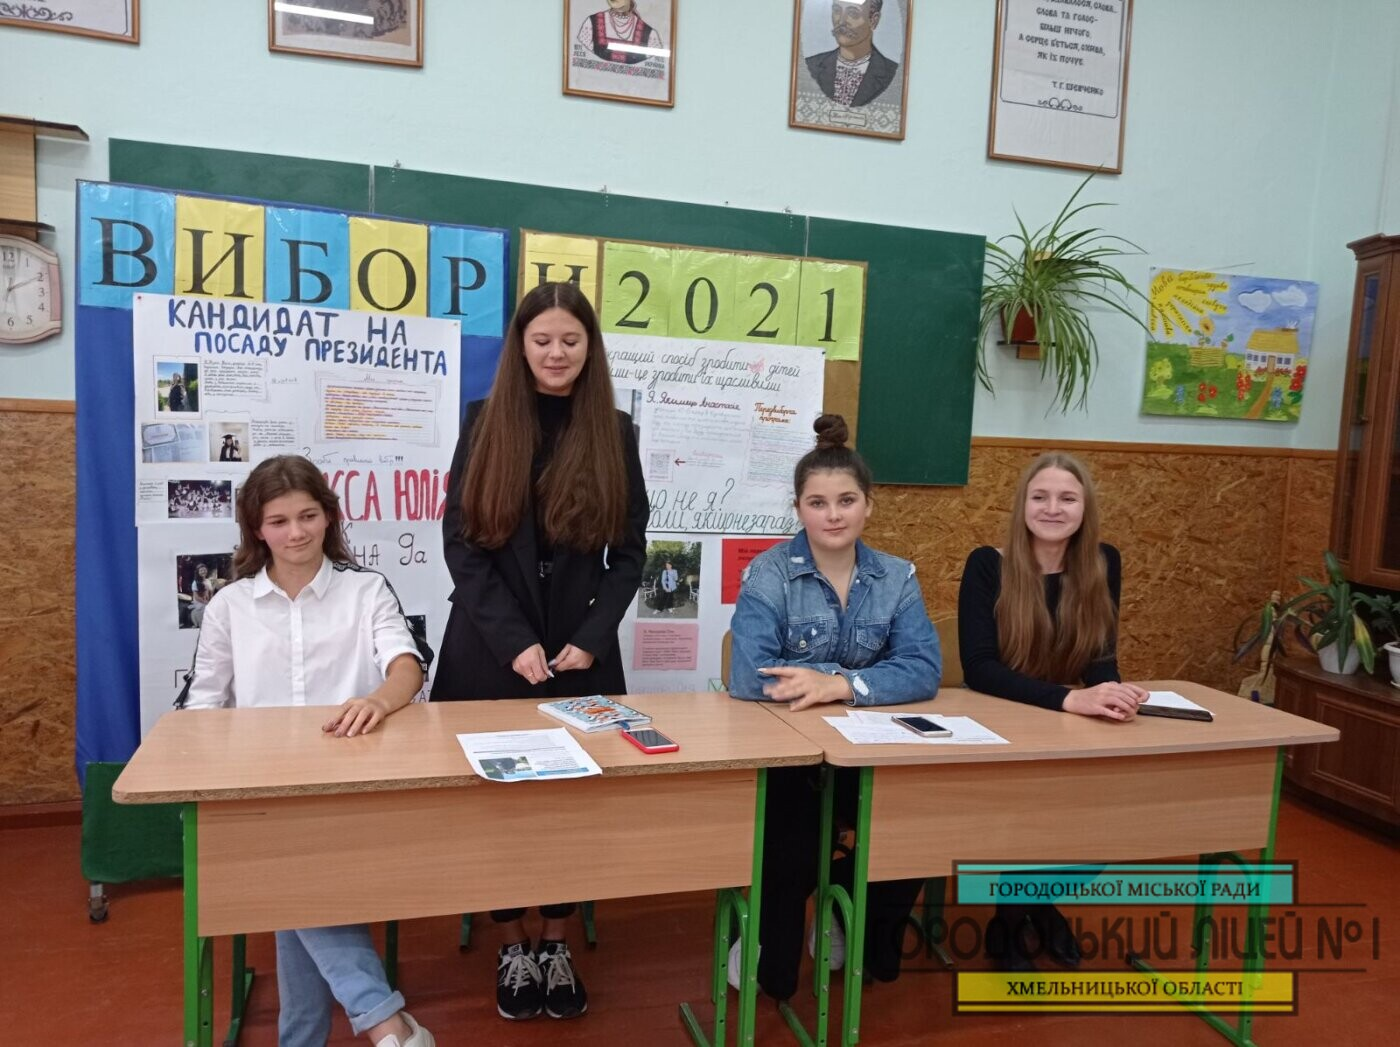 zobrazhennya viber 2021 09 20 16 35 27 396 1400x1047 - Дебати кандидатів на пост президентаучнівського самоврядування